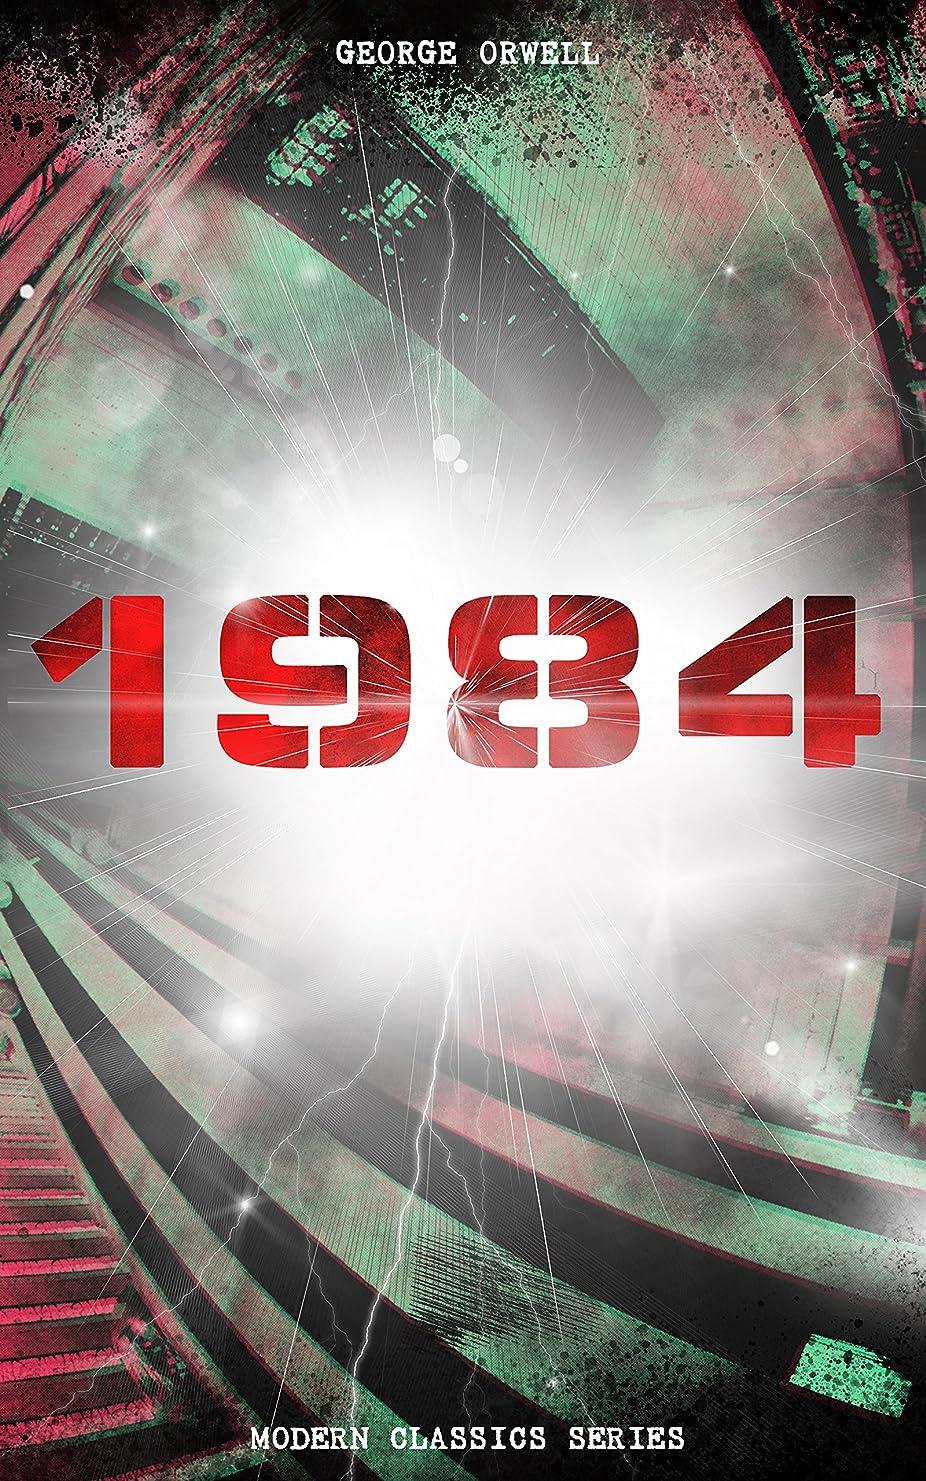 実証する灰シルク1984 (Modern Classics Series): Big Brother Is Watching You - A Political Sci-Fi Dystopia (English Edition)